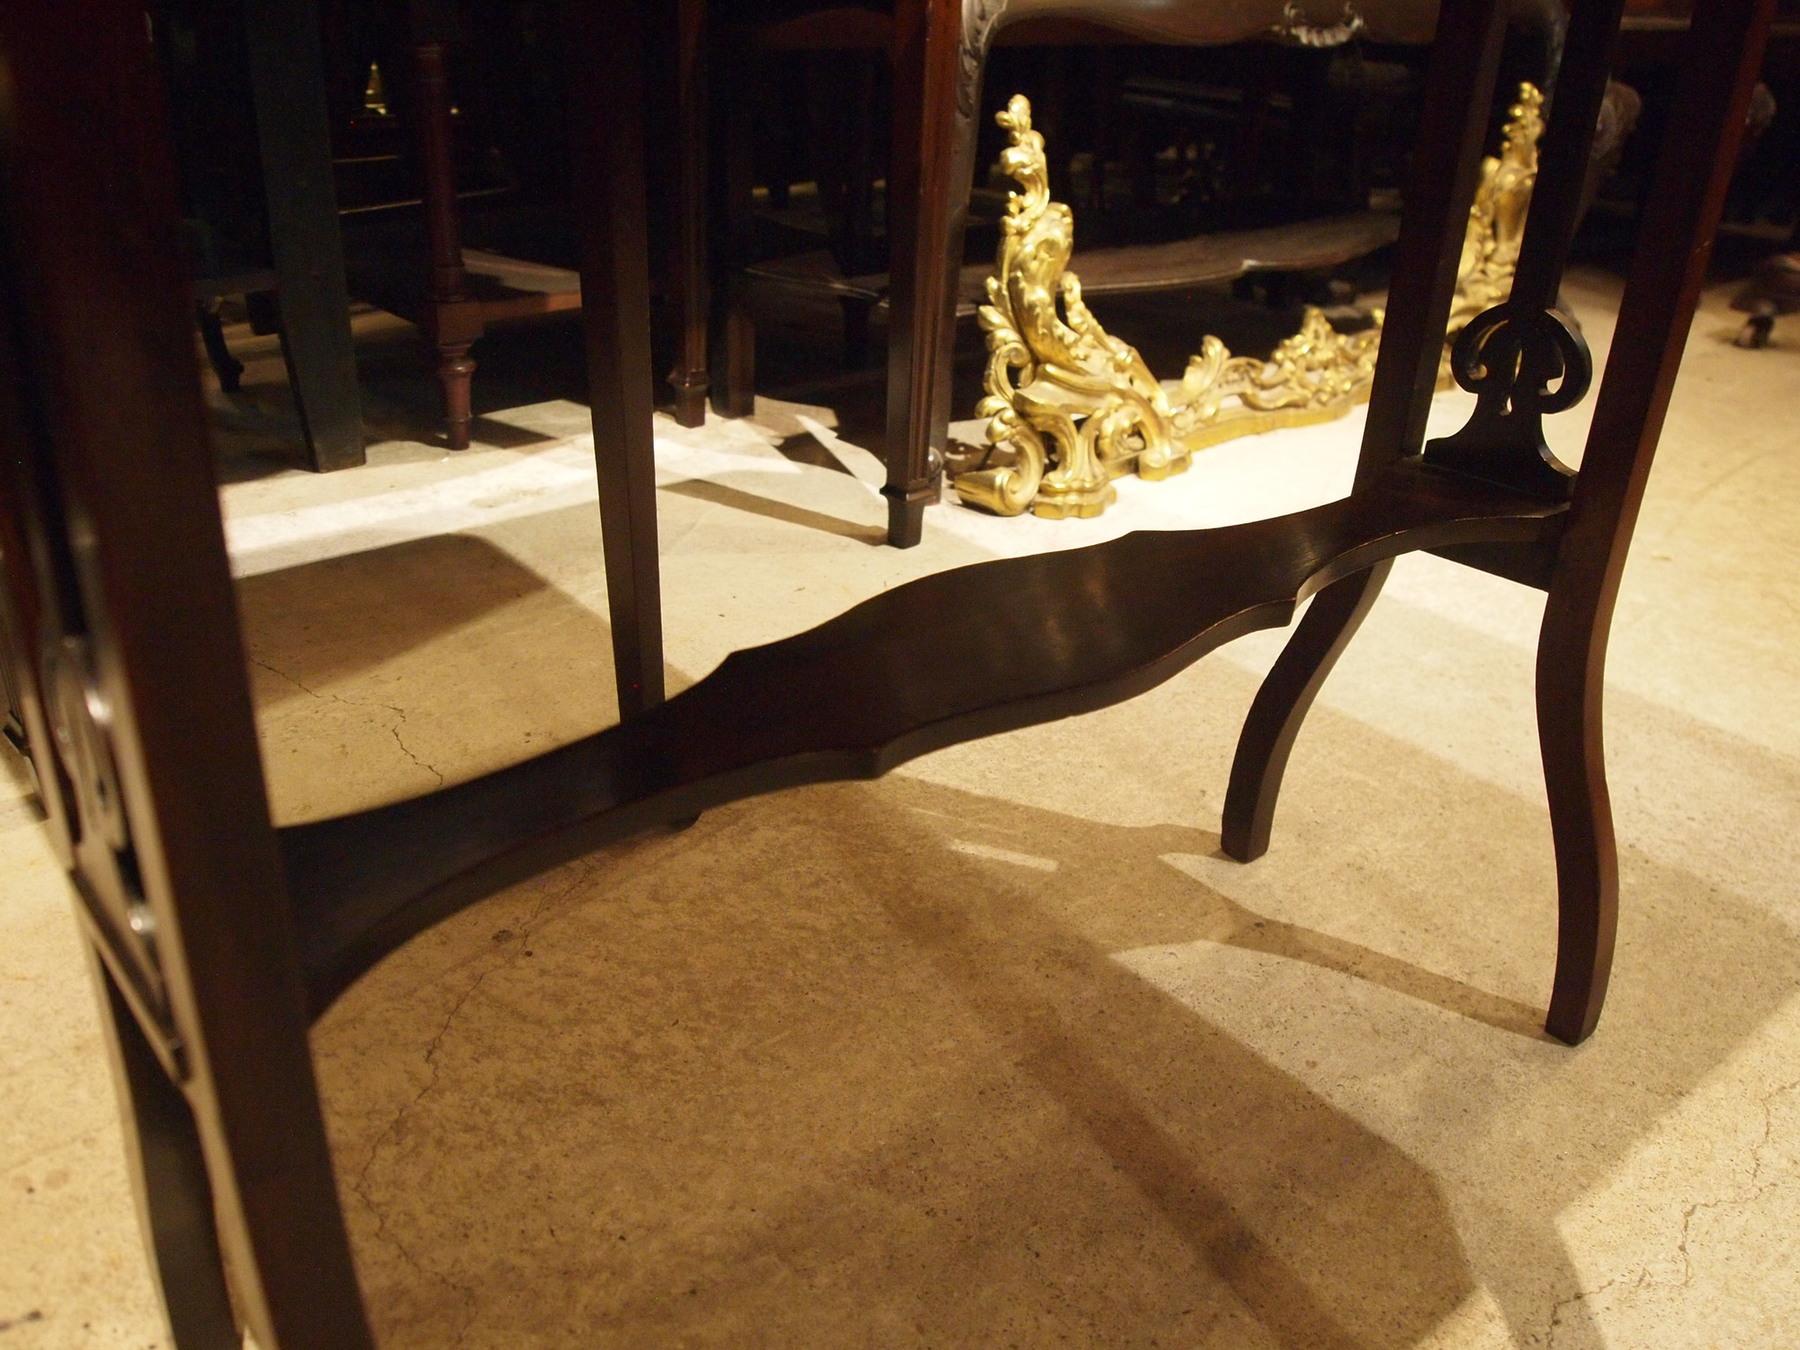 table201016a_14.JPG